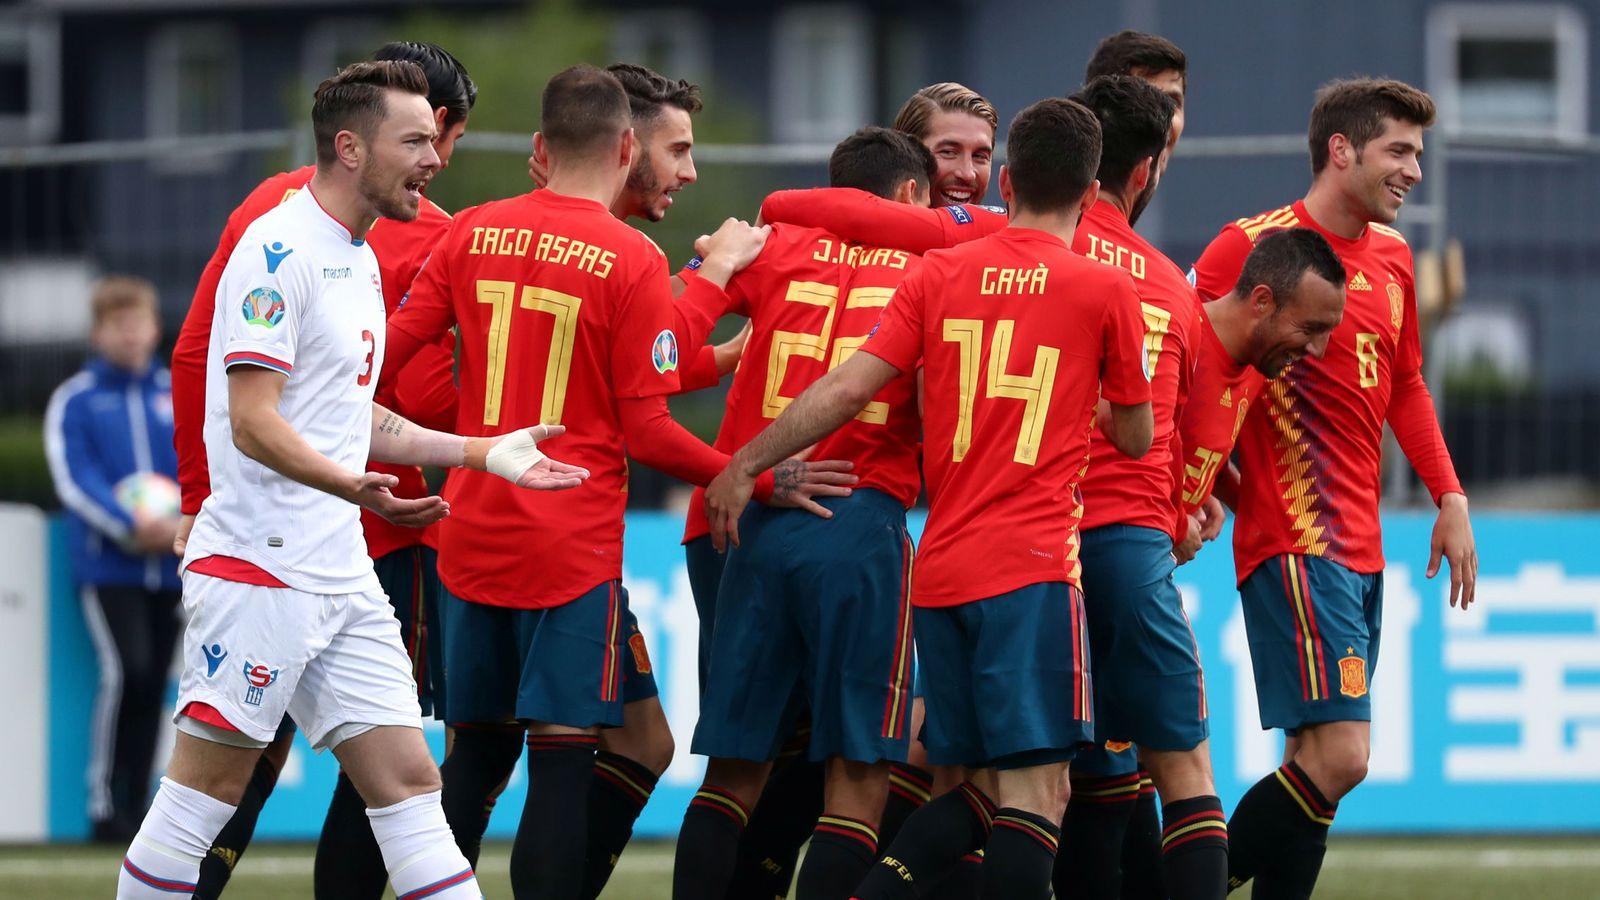 Foto: Euro 2020 qualifier - group f - faroe islands v spain